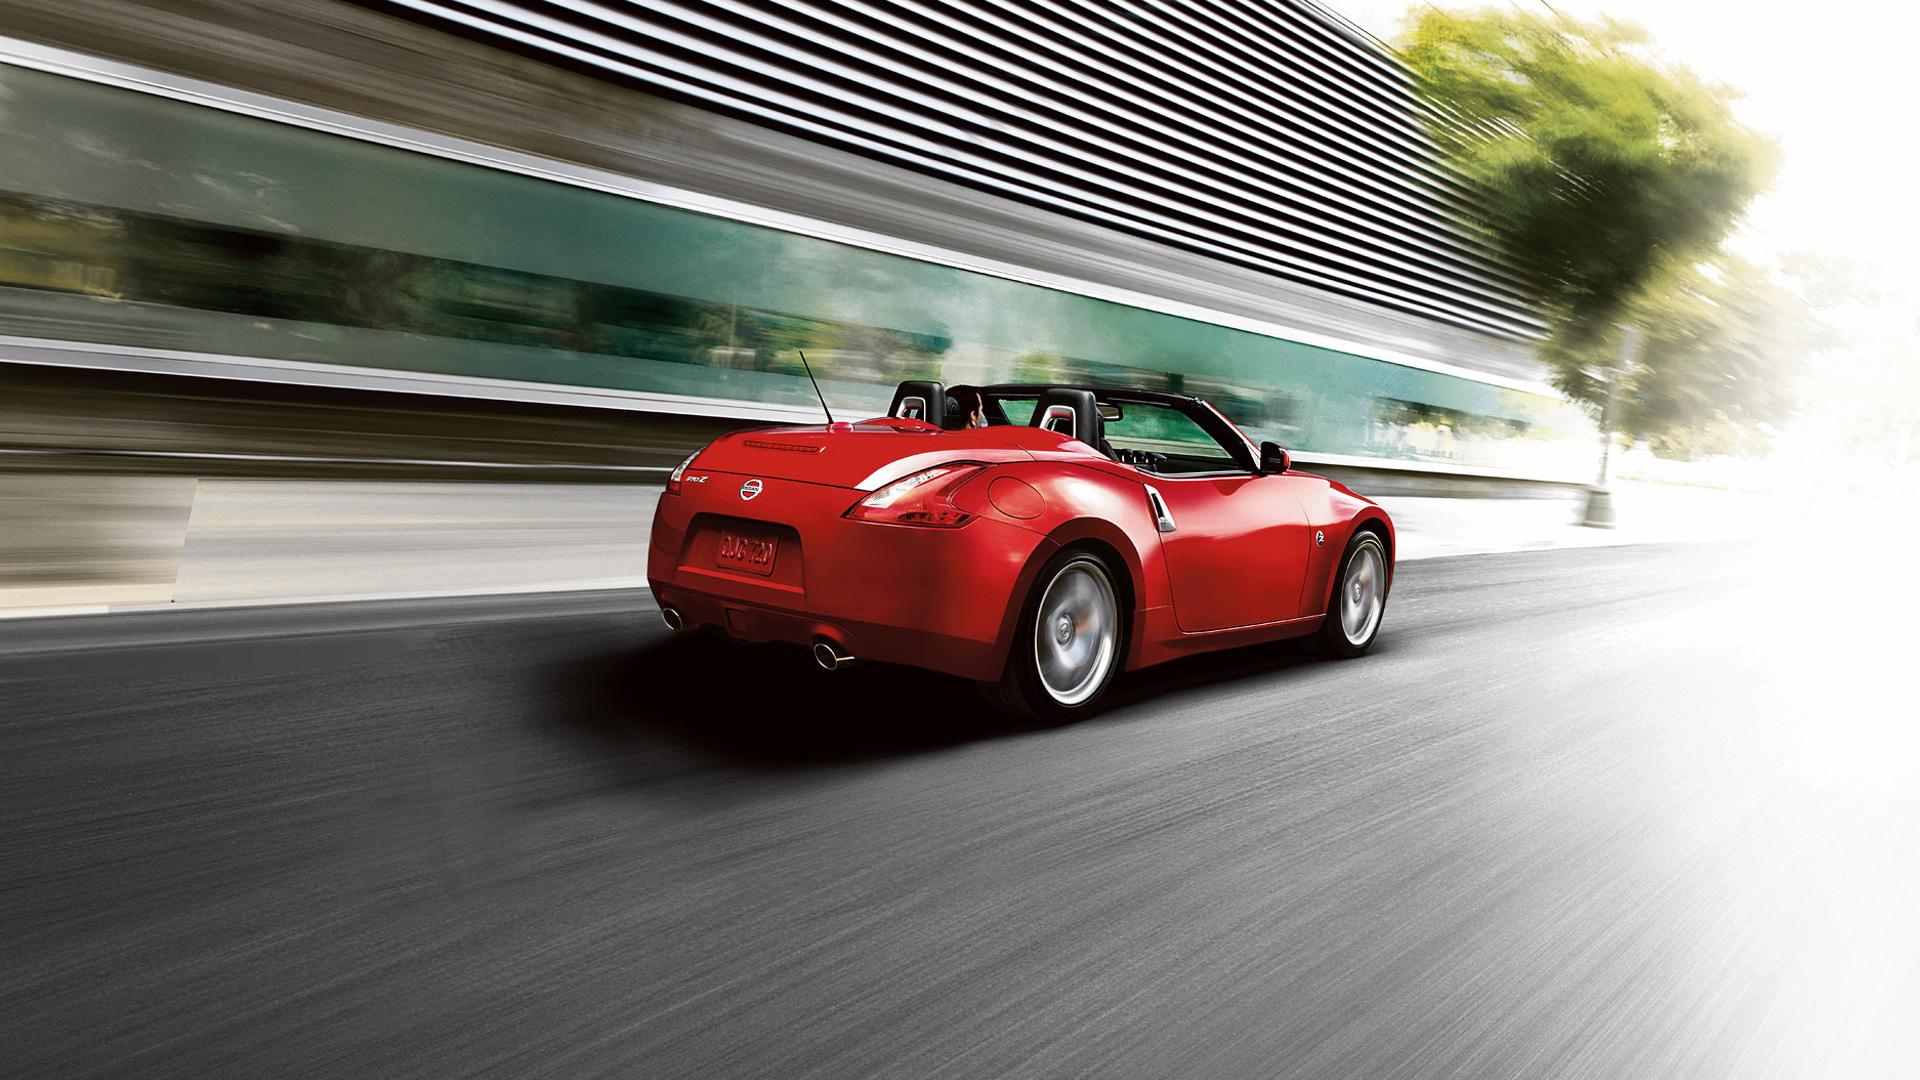 Awesome Motor1.com